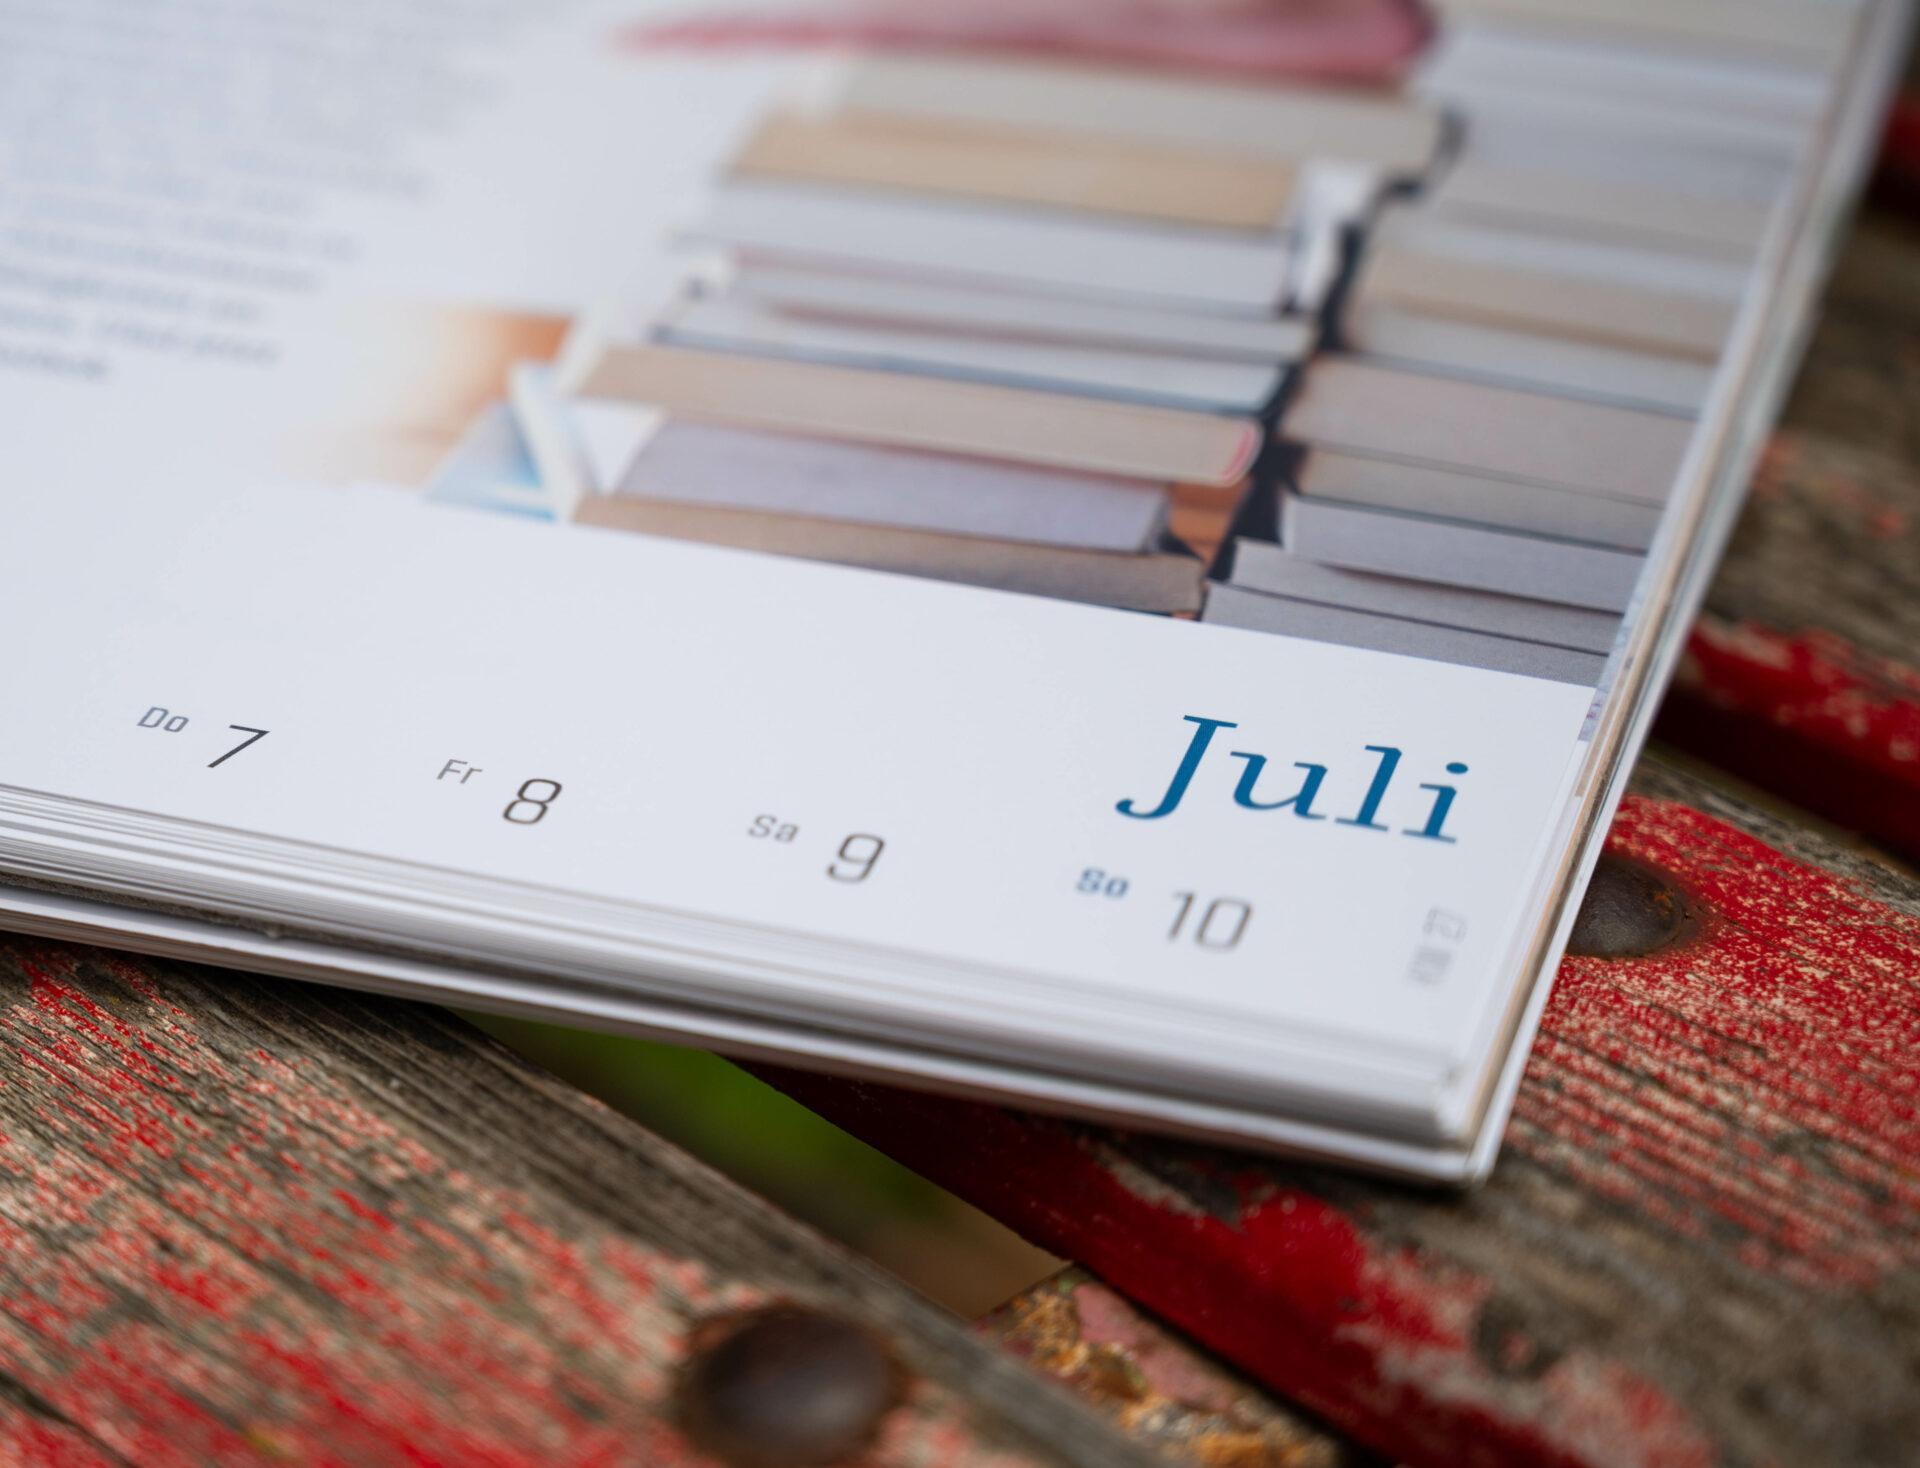 Detailaufnahme Kalenderblatt Juli auf einem alten Holzstuhl.